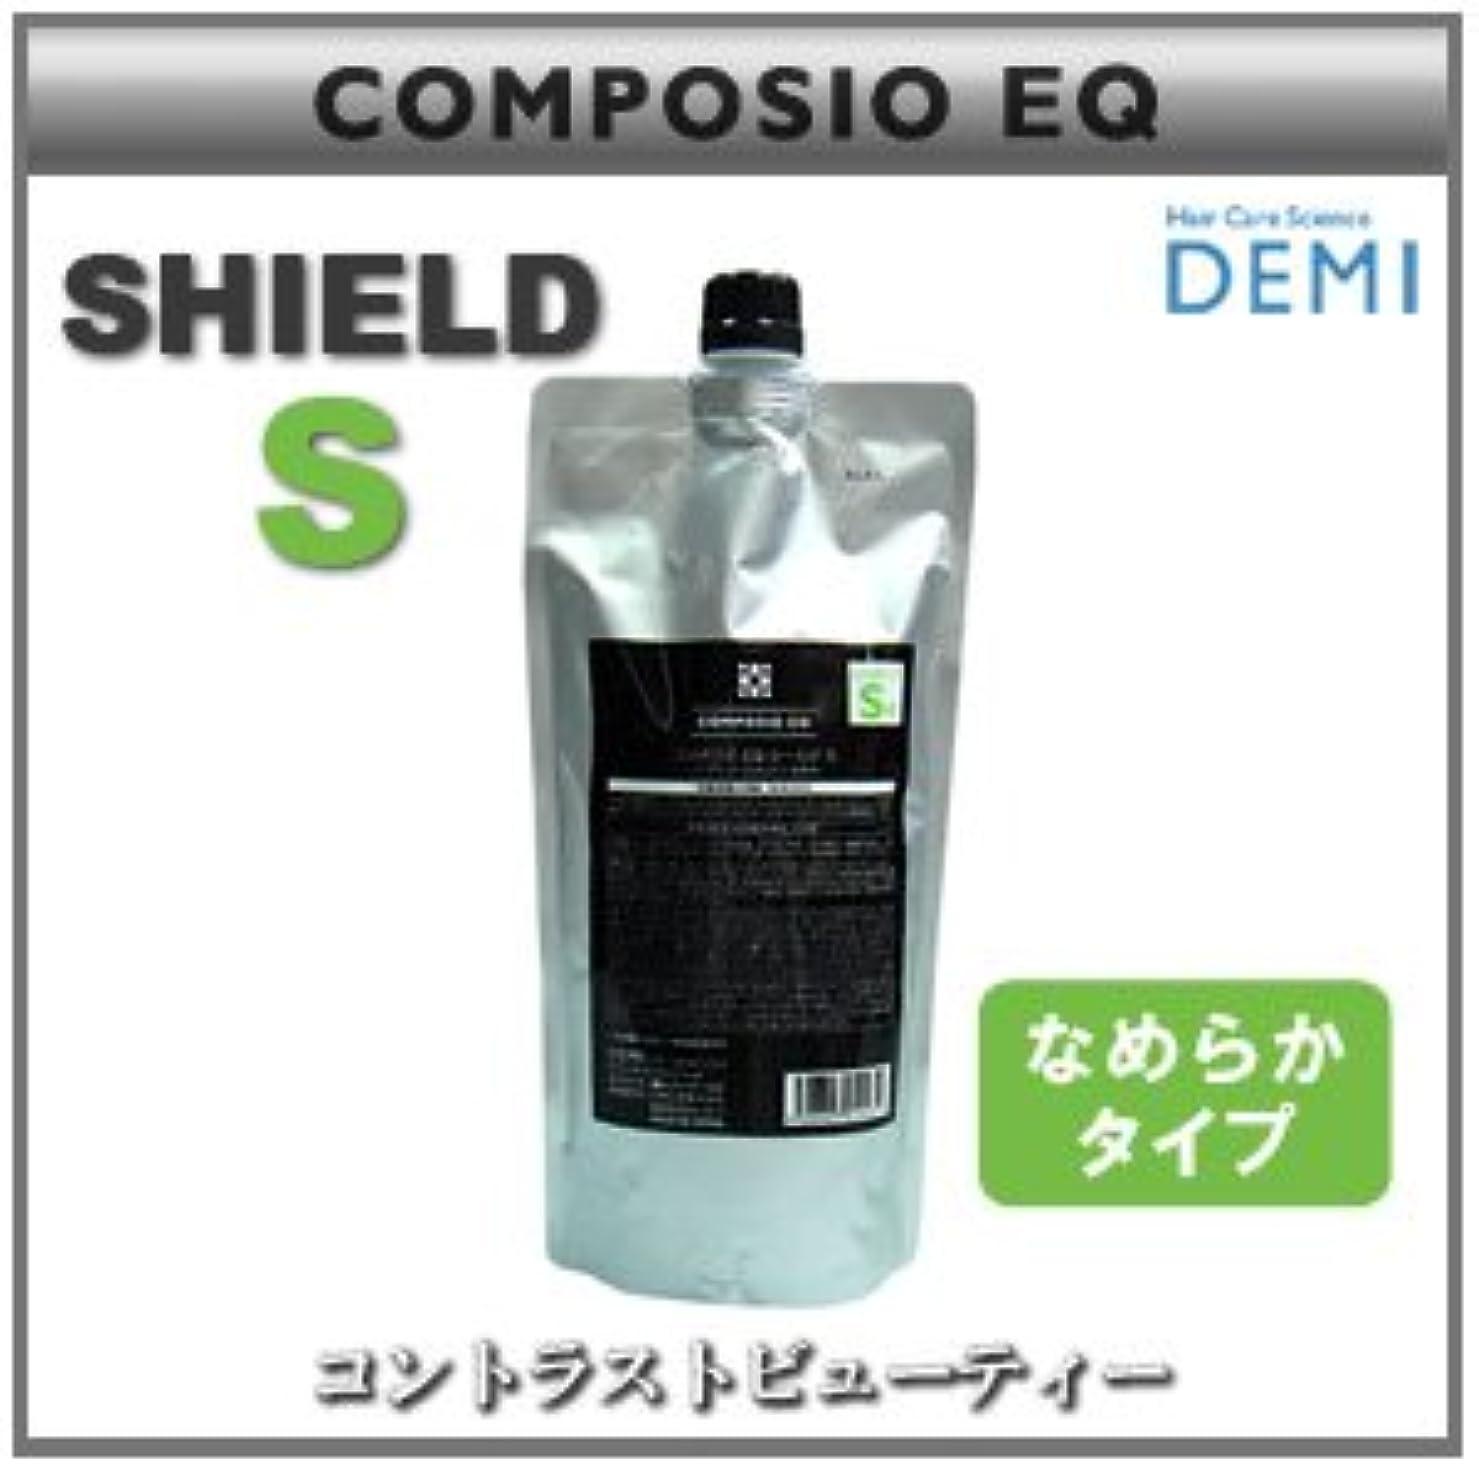 ヨーロッパ哺乳類第五【X5個セット】 デミ コンポジオ EQ シールド S 450g